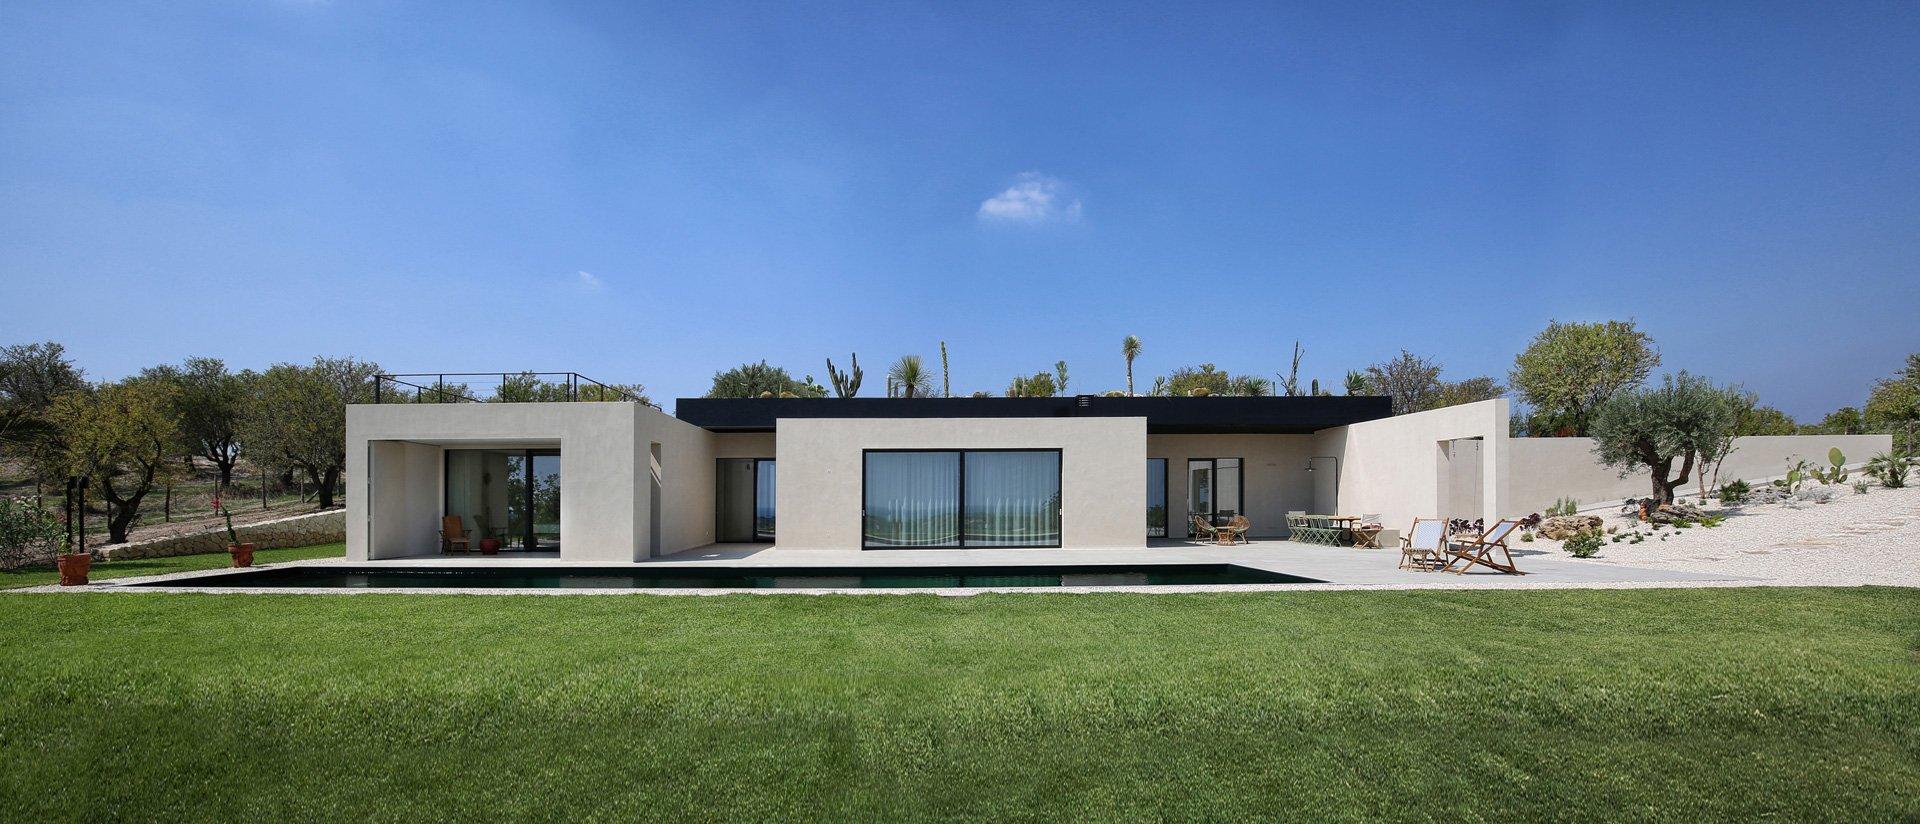 Villa CRN, residenza estiva immersa nel paesaggio siculo